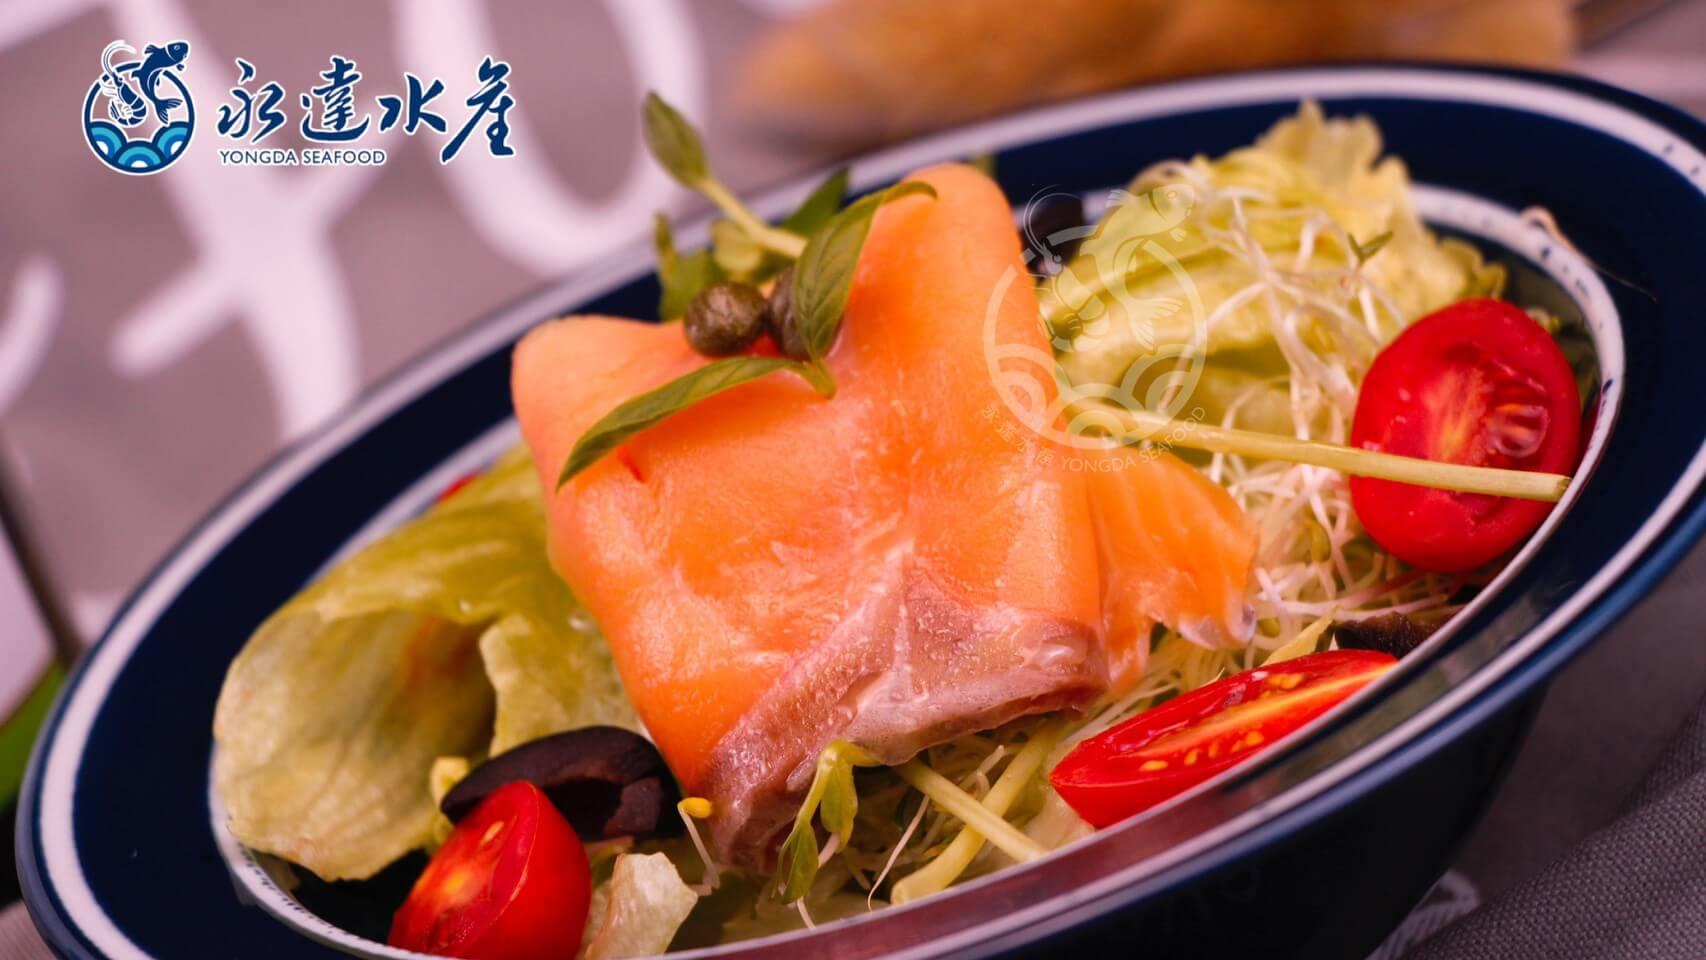 水產|海鮮|冷燻鮭魚即食包|冷燻鮭魚|鮭魚|三文魚|魚肉|魚|魚片|OMEGA-3